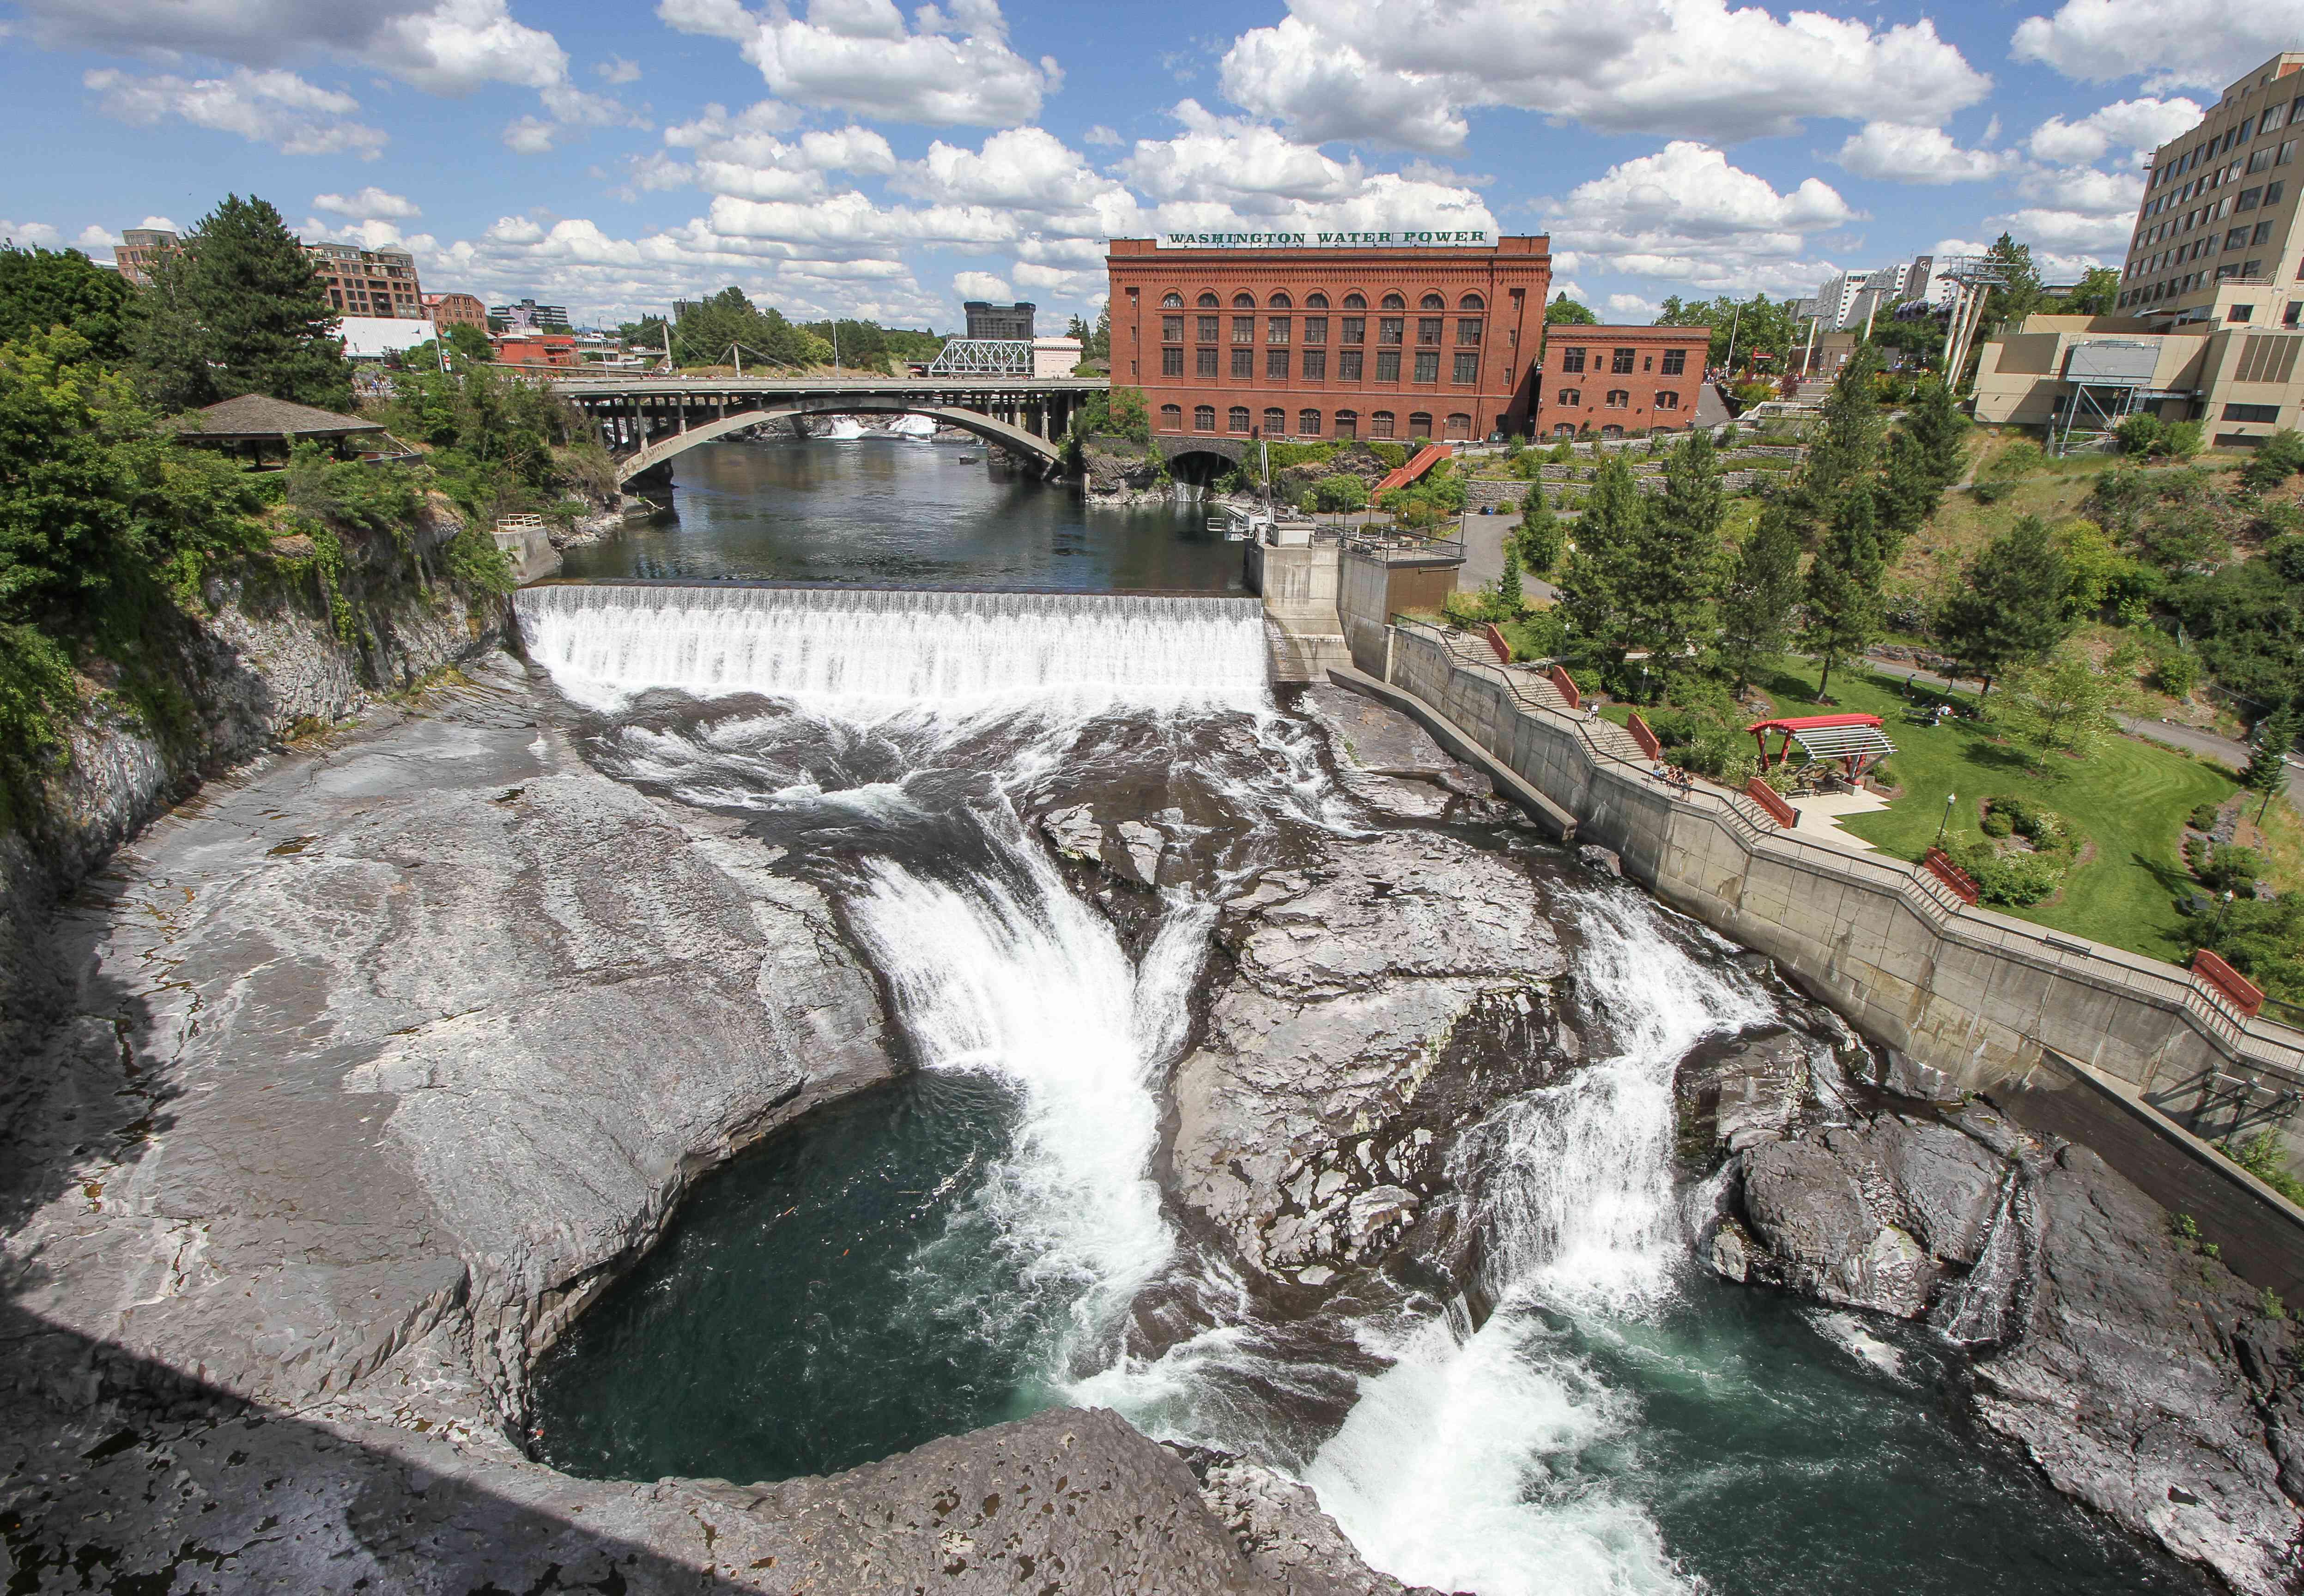 Plano general de las cataratas de Spokane